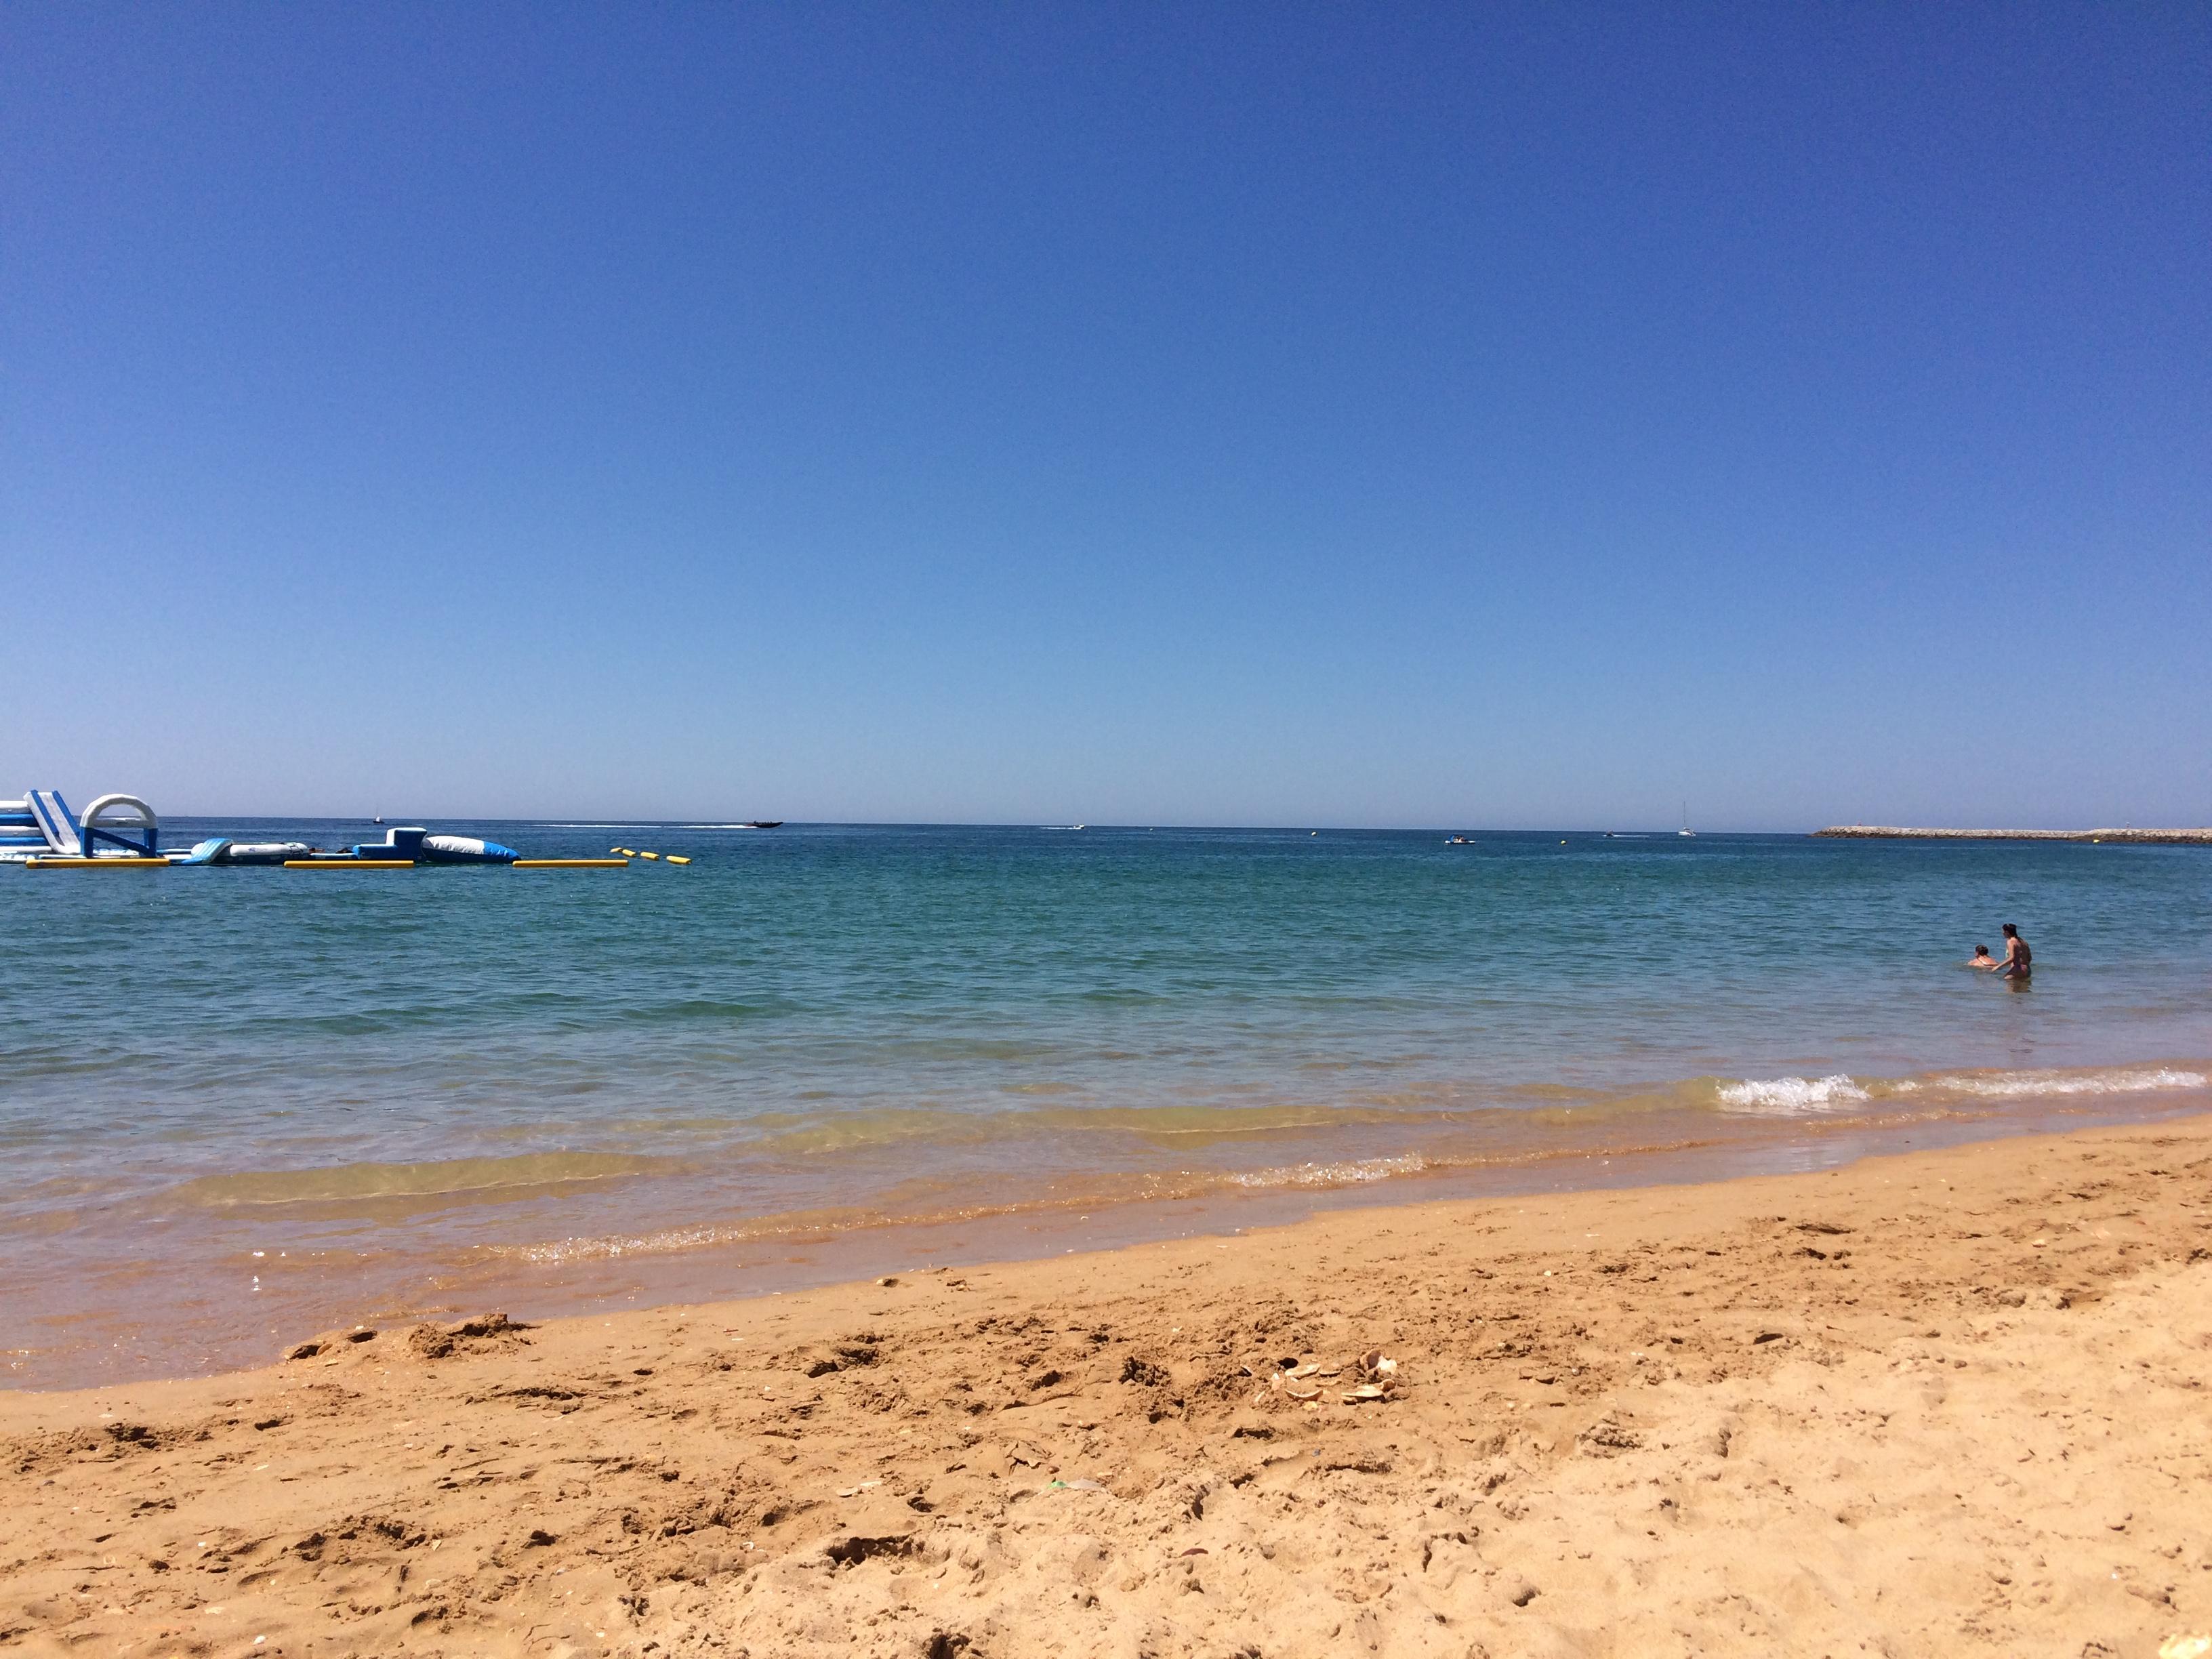 Albufeira strand, valamint a vízijátszótér a bal oldalon.